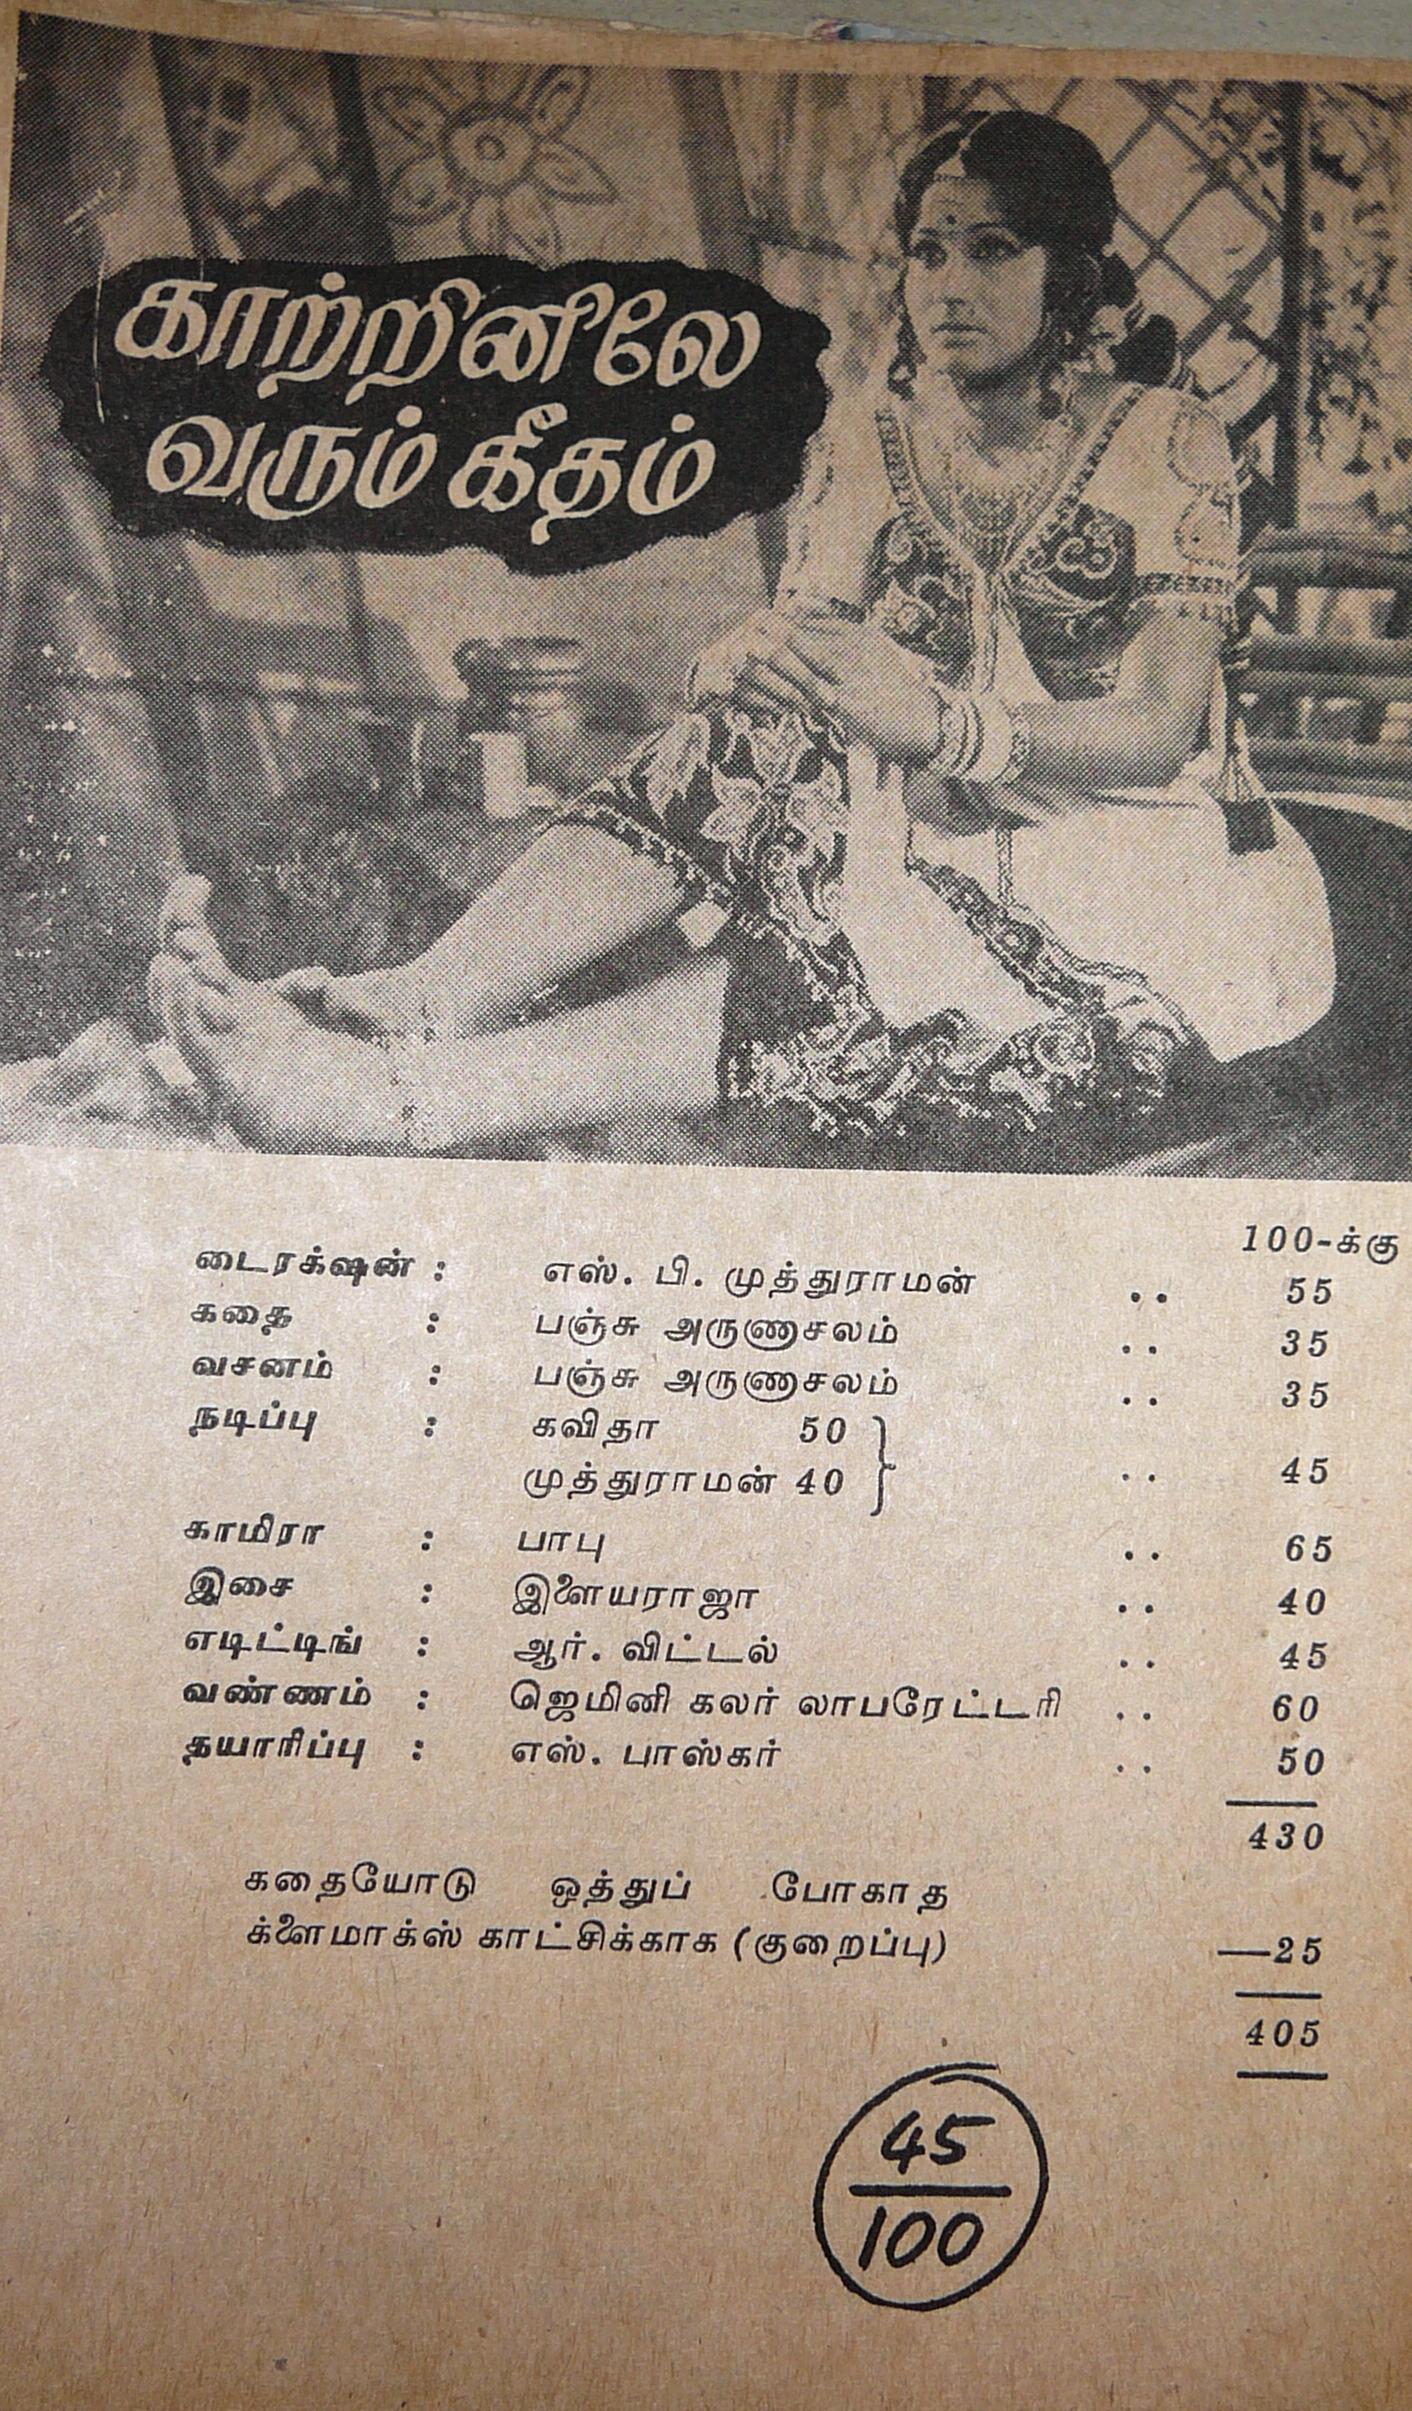 காற்றினிலே வரும் கீதம் - அந்தக் கால ஆனந்த விகடன் திரை விமர்சனம் (1978)